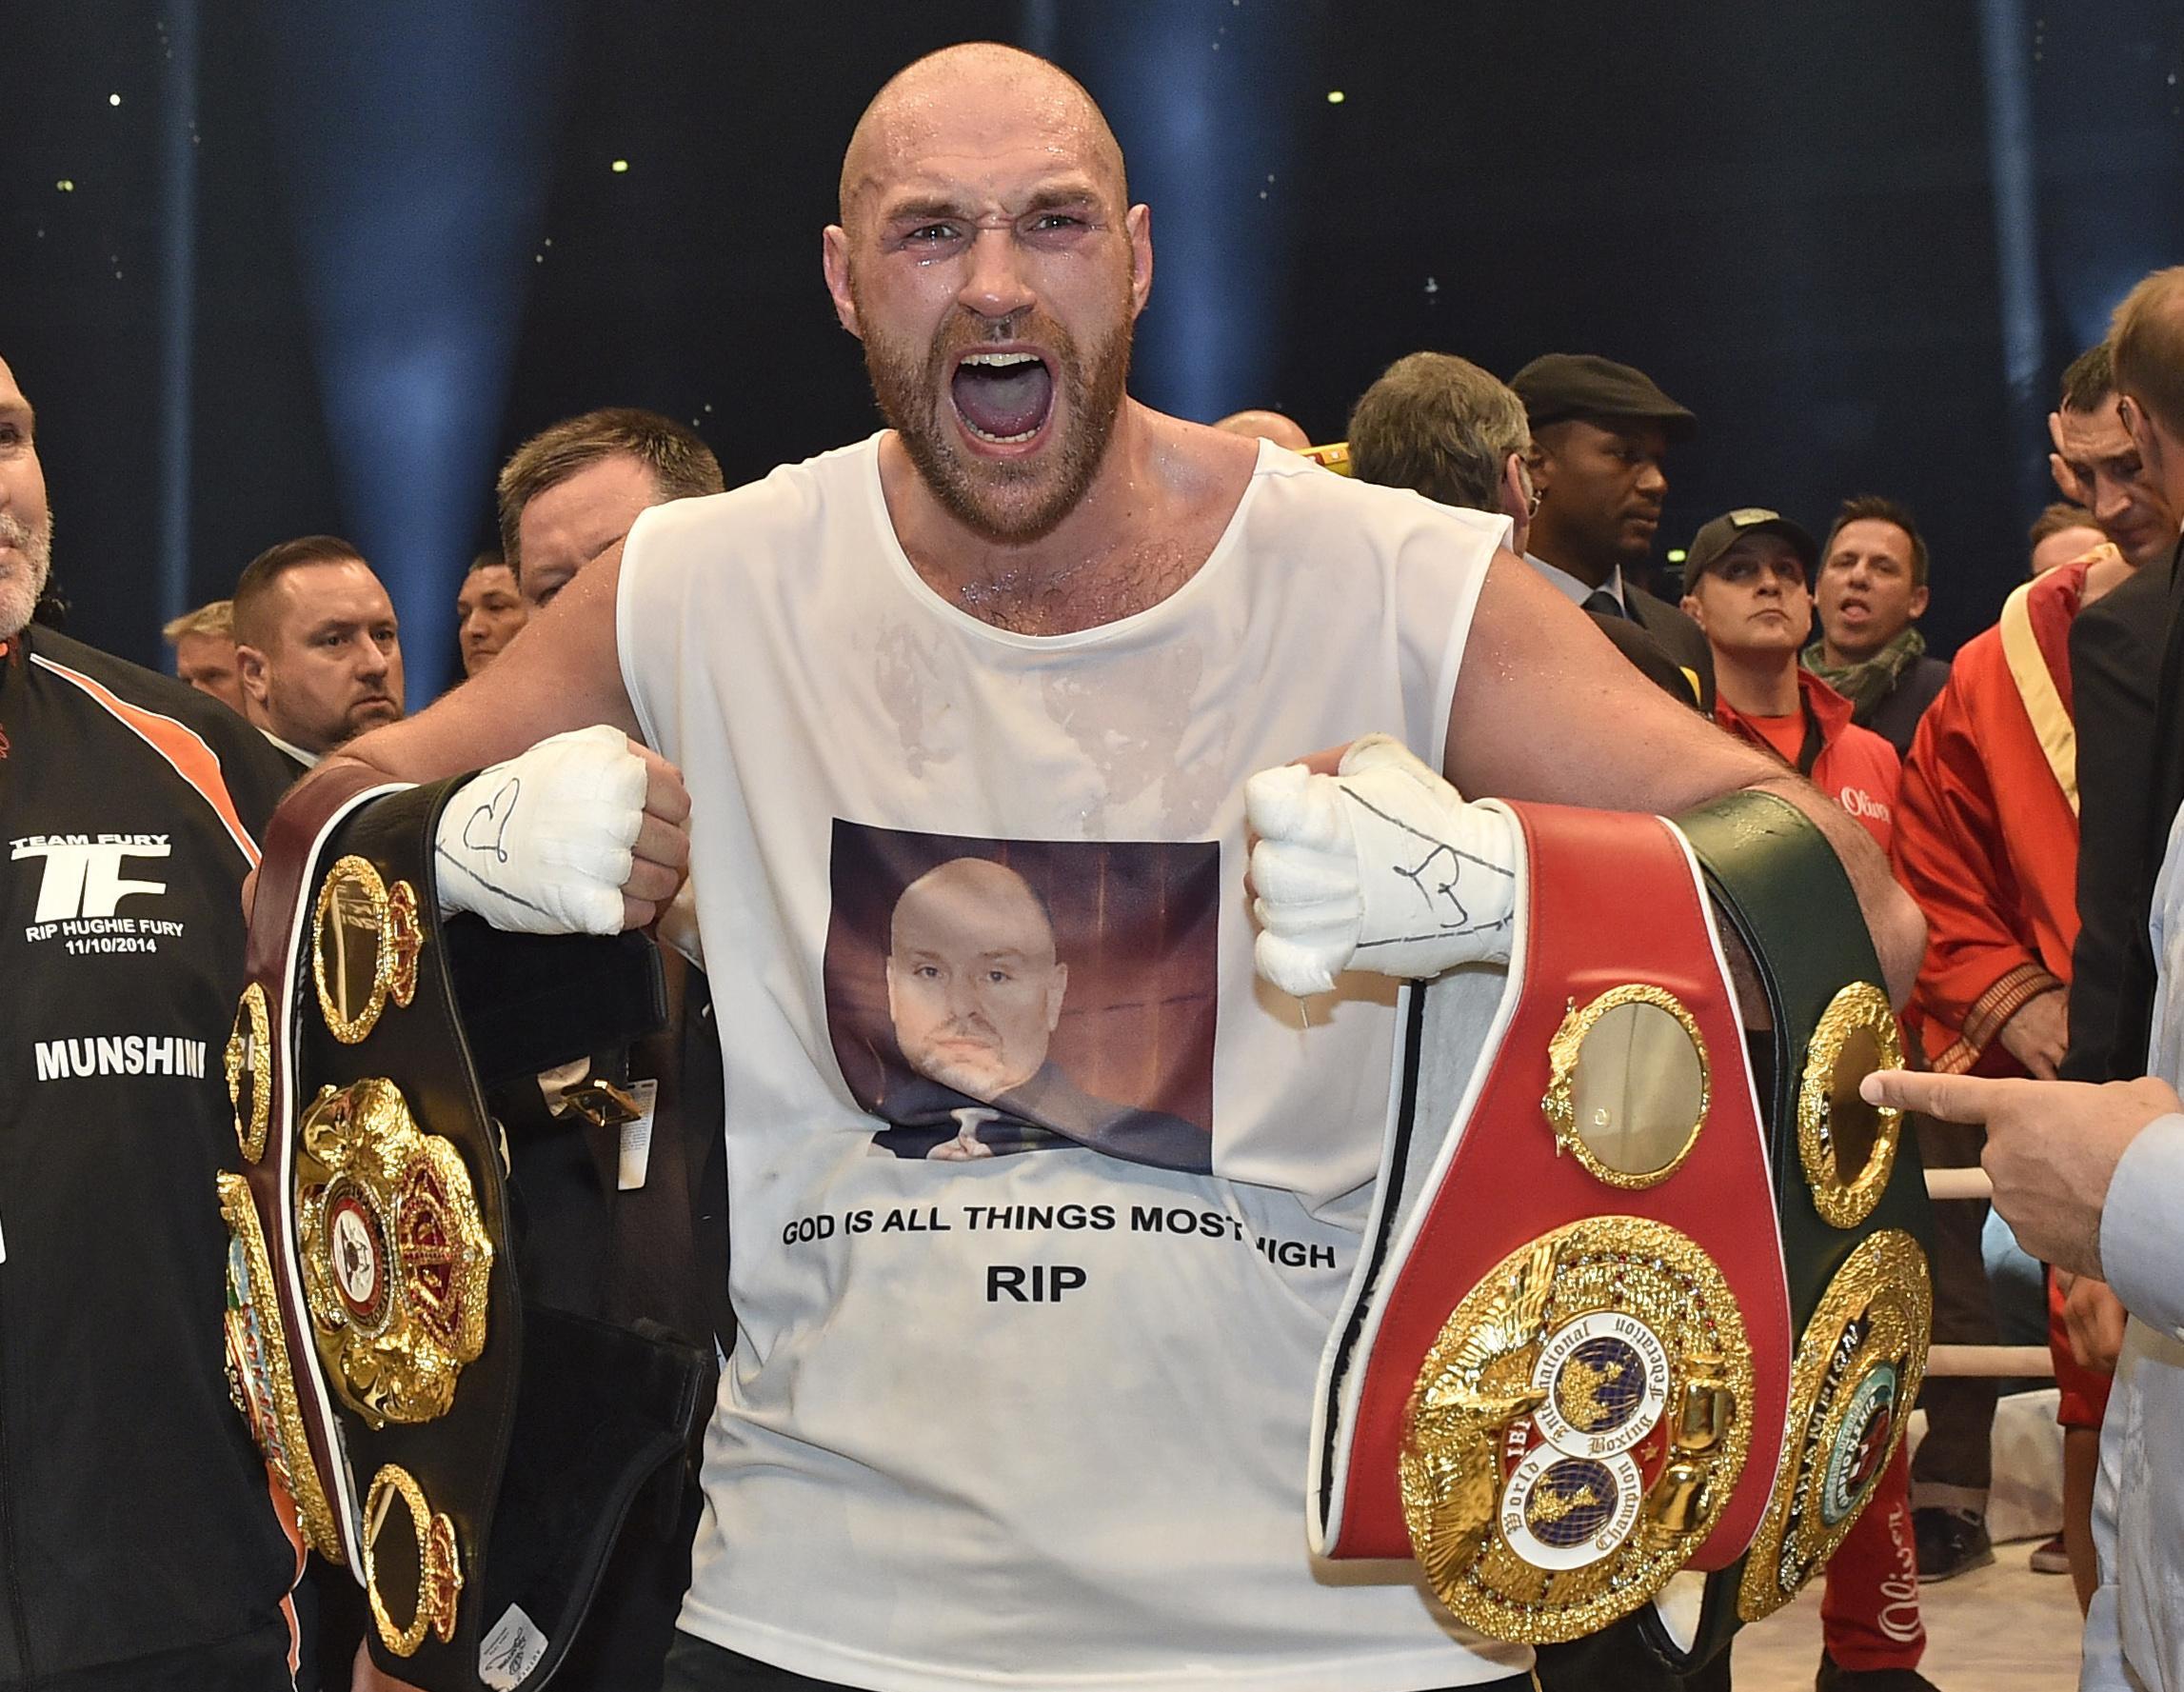 Fury, 29, is looking to reclaim his old belts he won against Wladimir Klitschko in November 2015